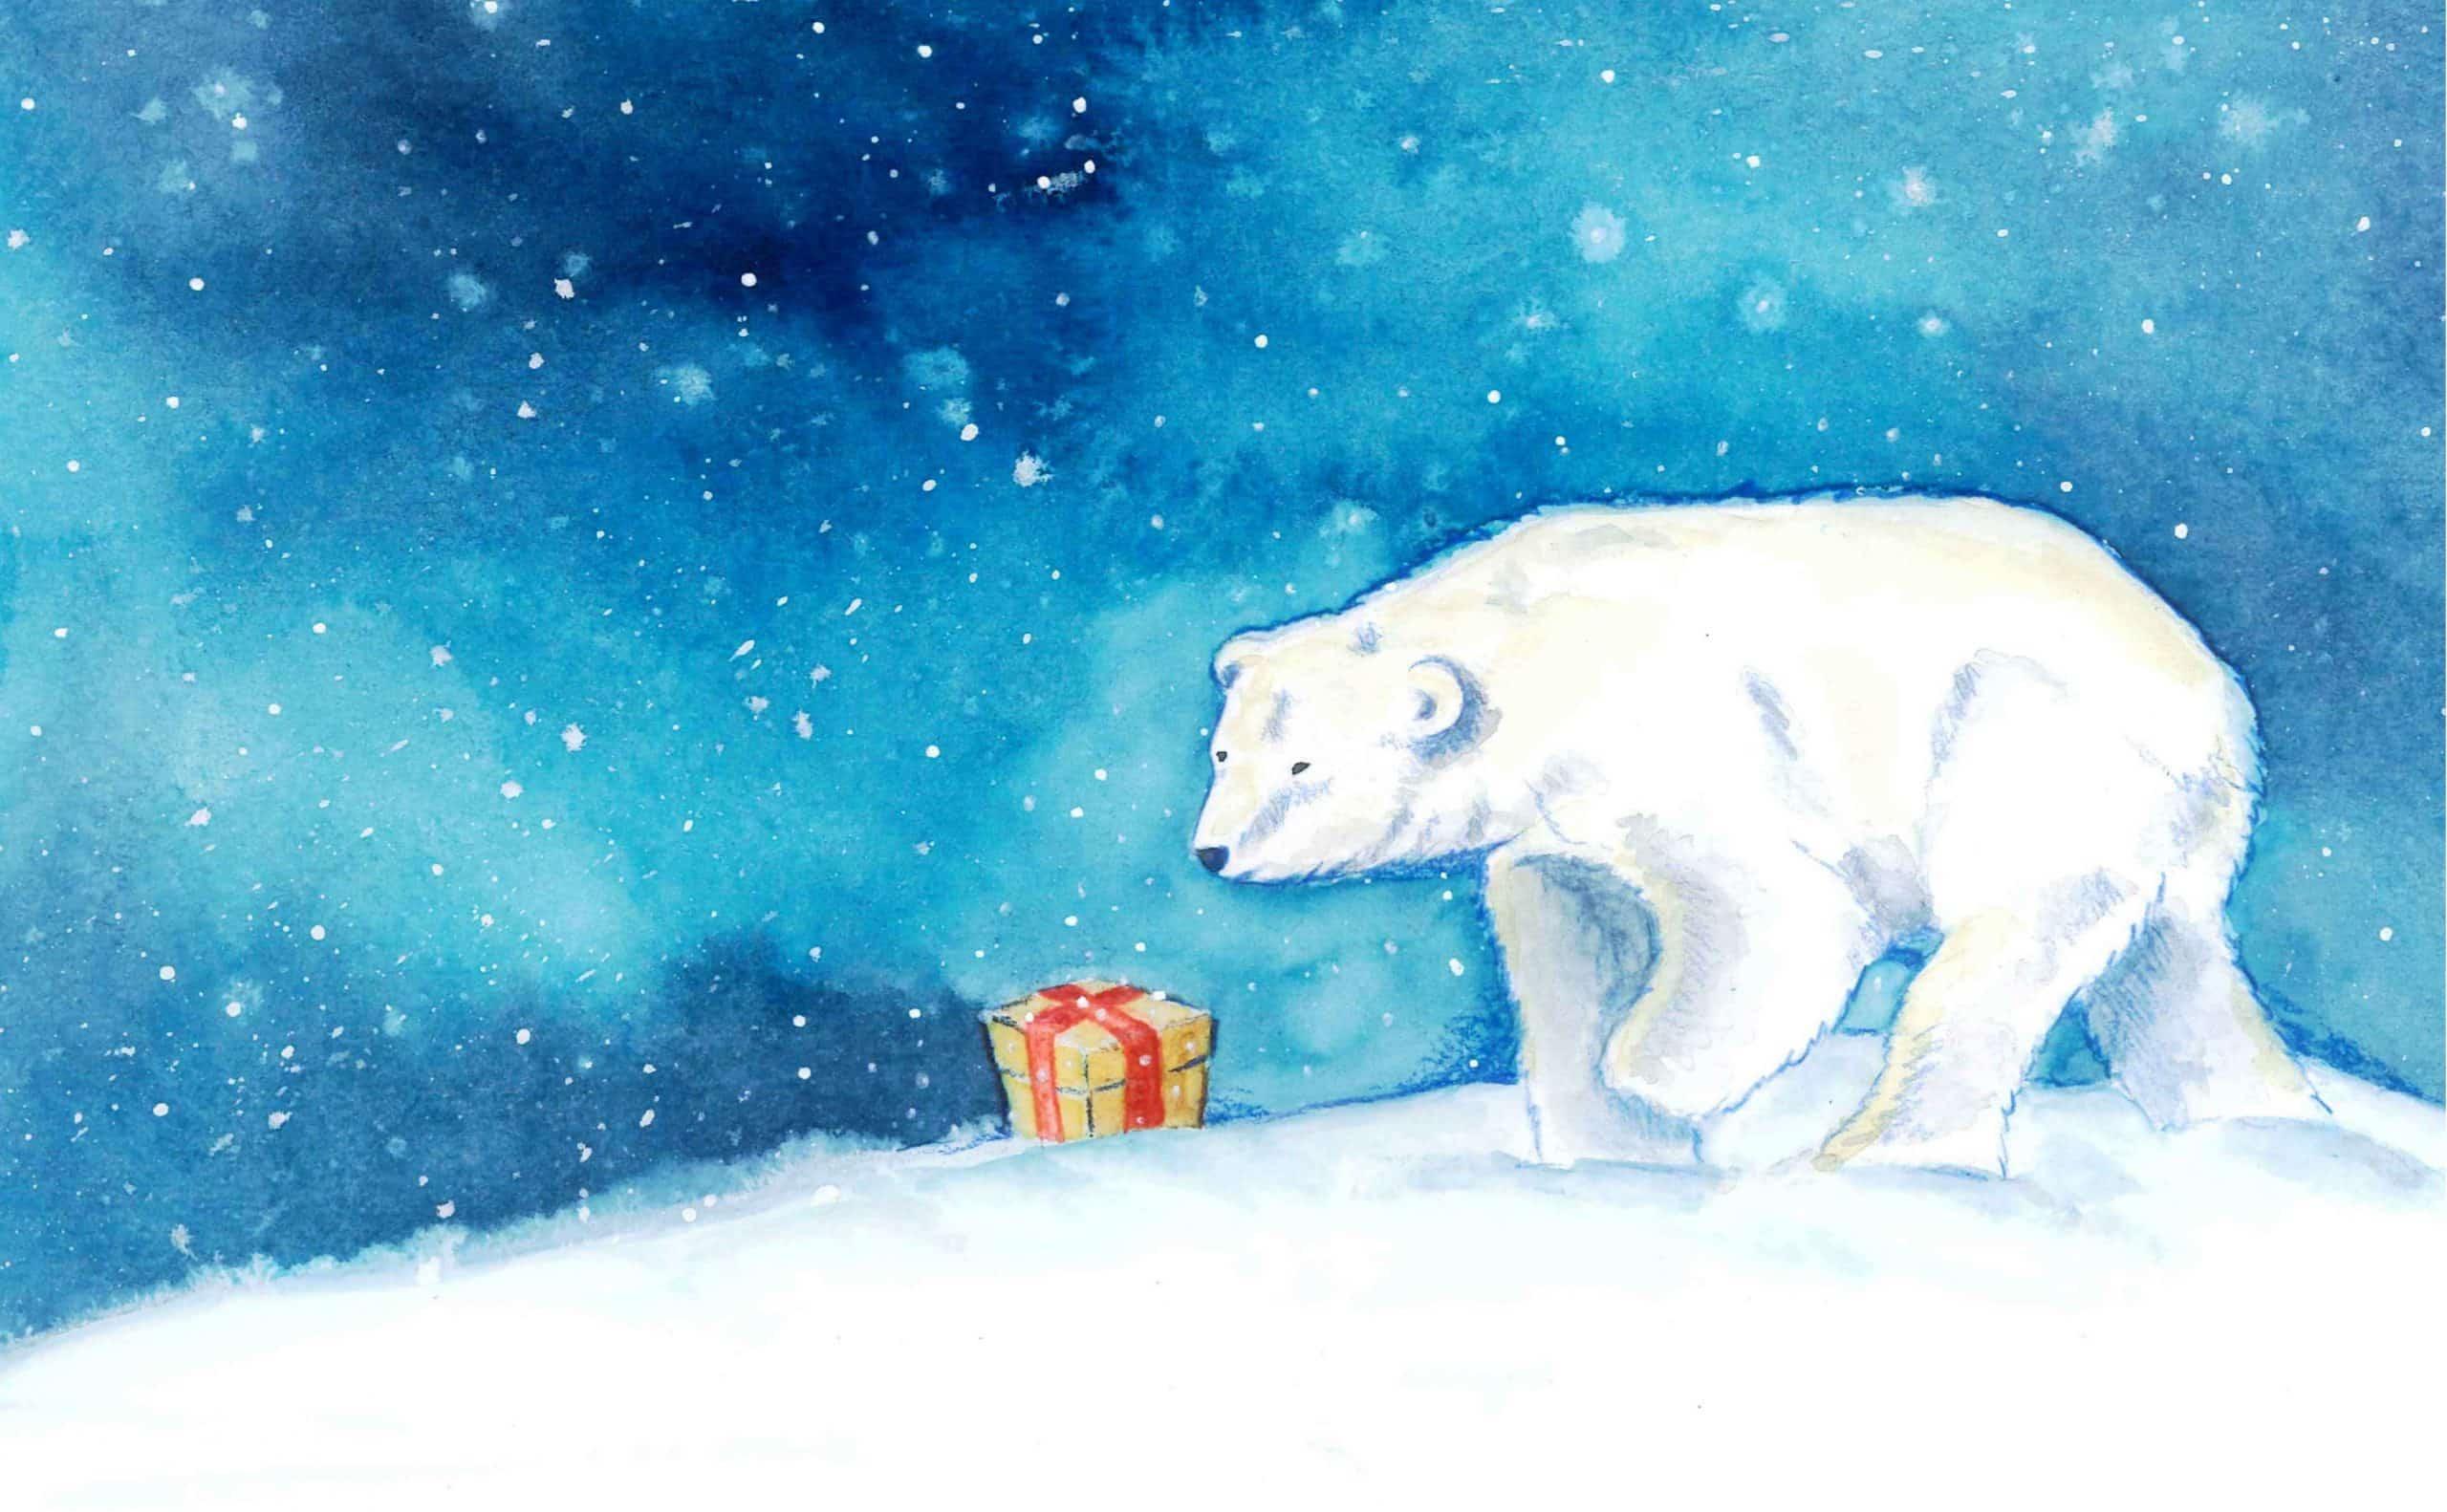 Weihnachtsgedichte Für Kinder • Weihnachtsgedichte • Briefeguru ganzes Kleine Weihnachtsgedichte Für Kindergartenkinder